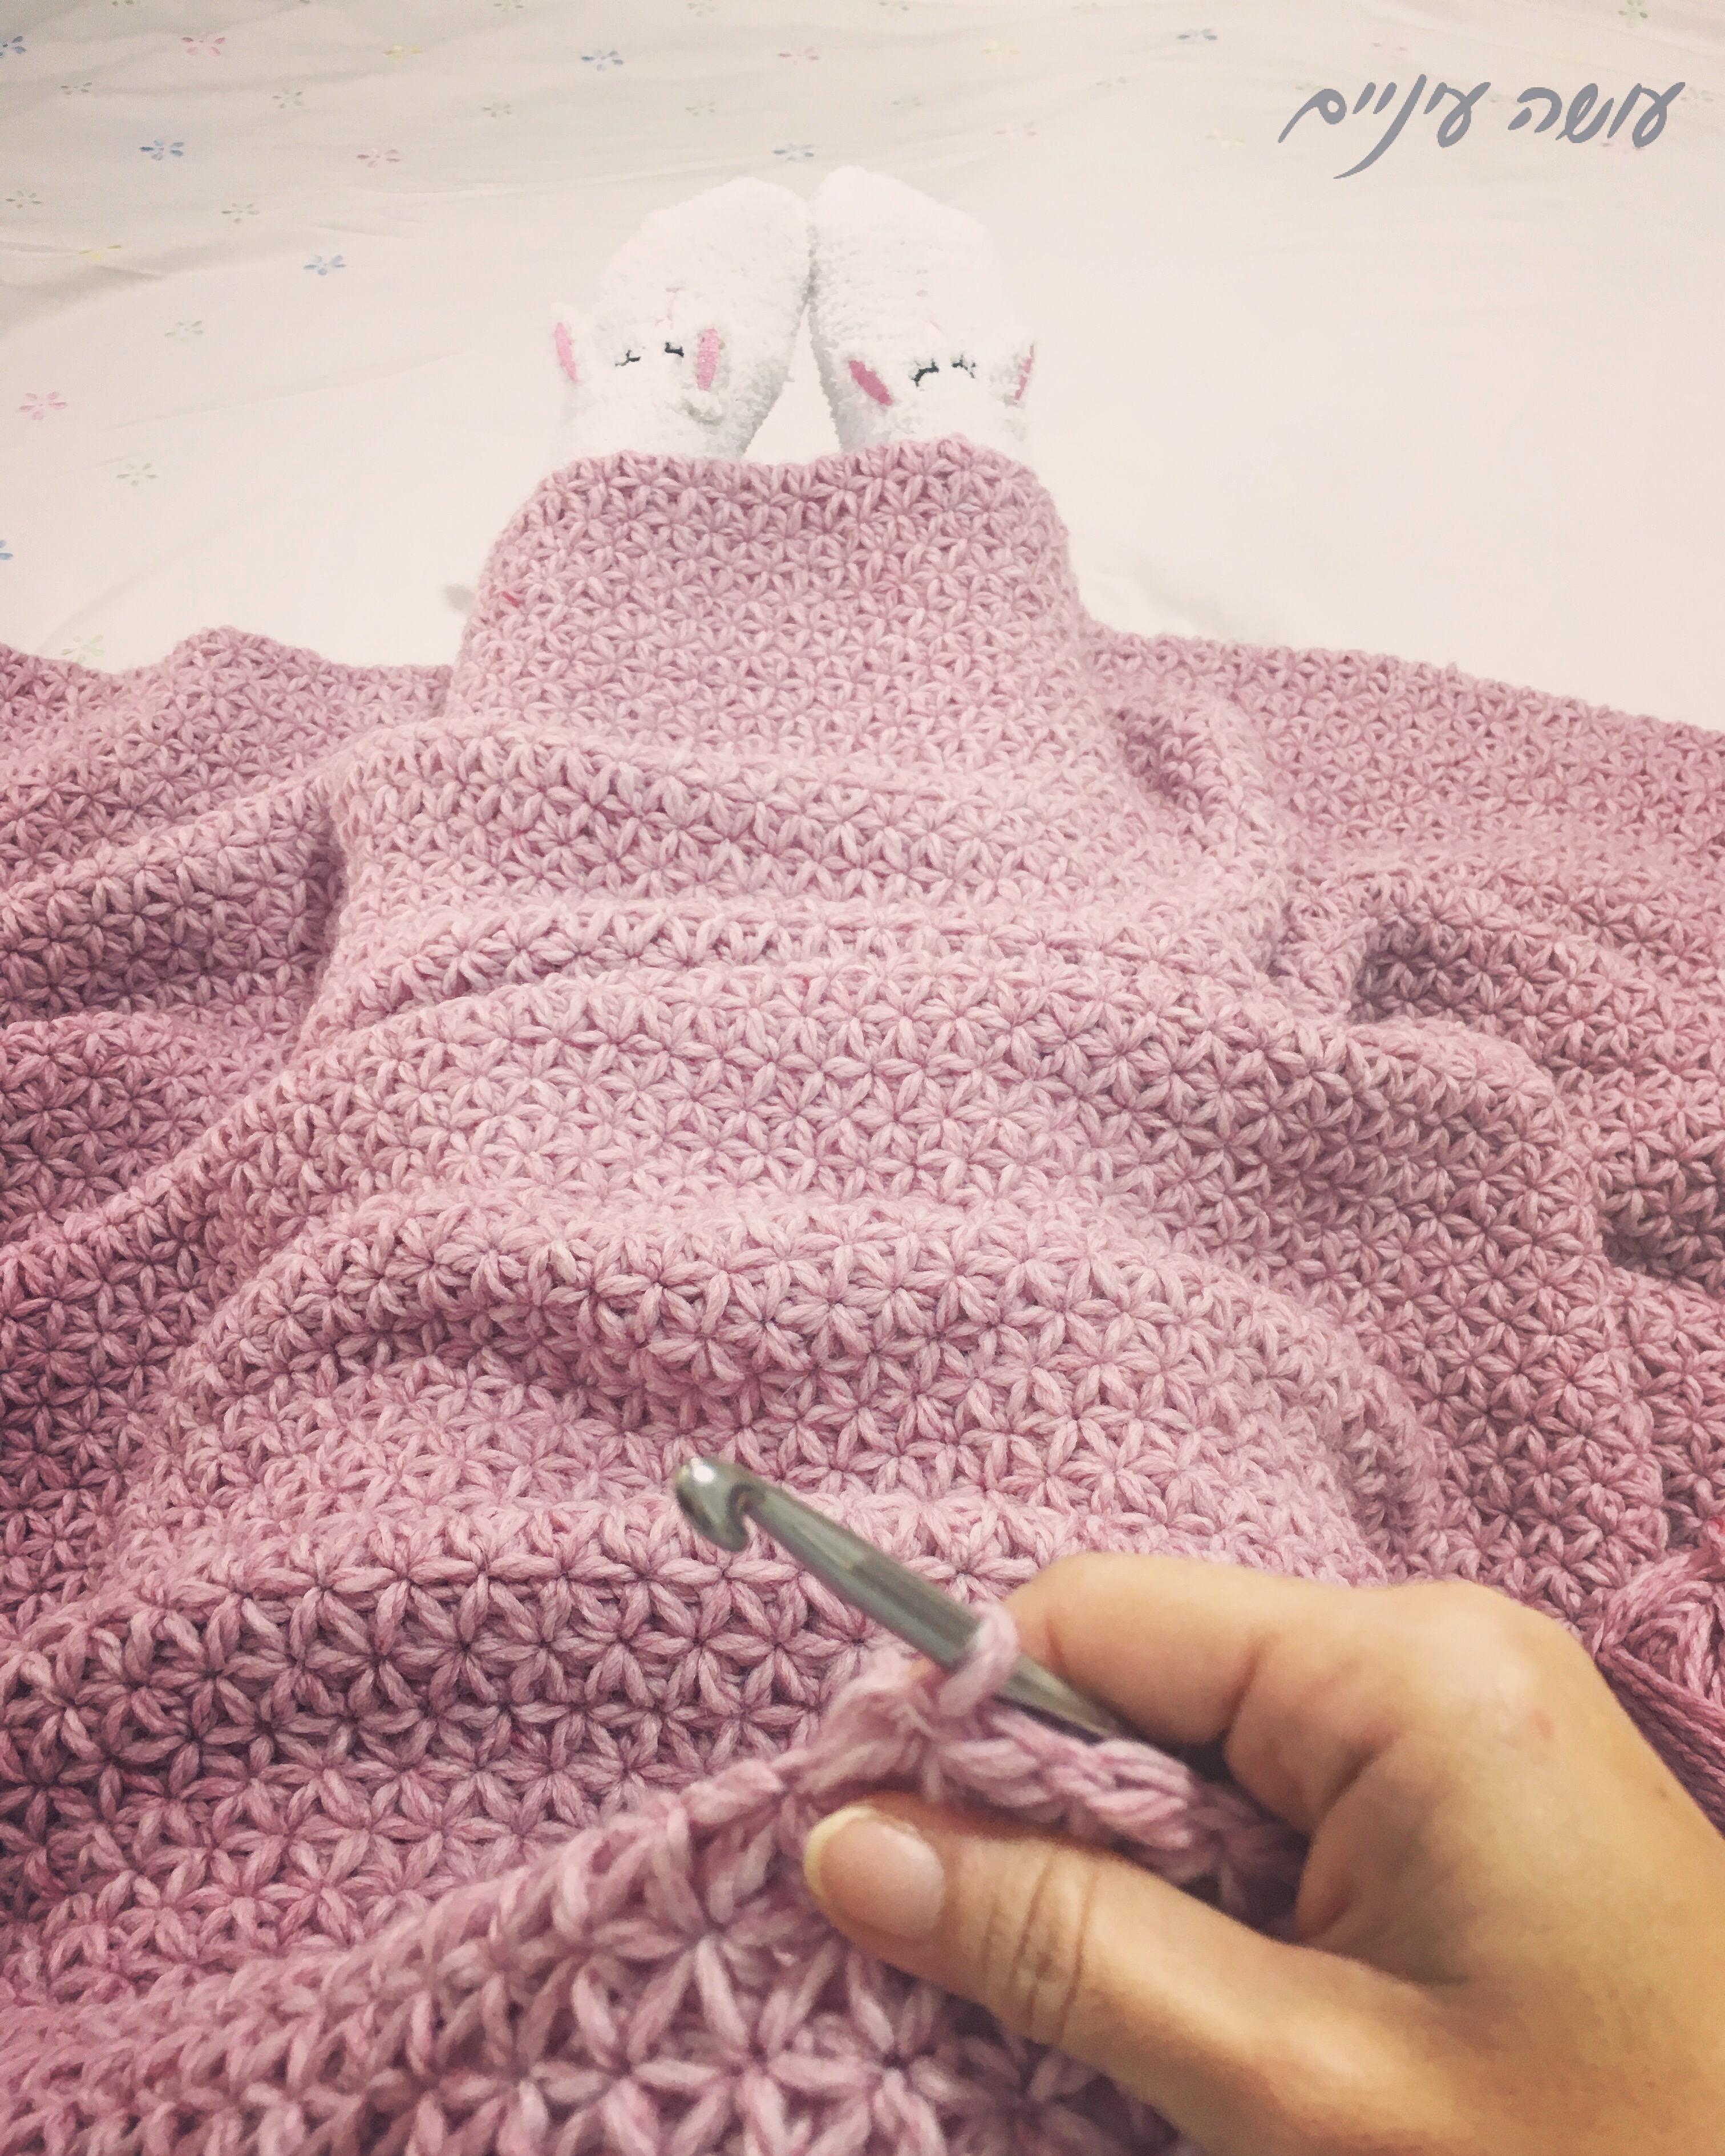 עושה עיניים - שמיכת הכוכבים || OsaEinaim - Crochet stars blanket